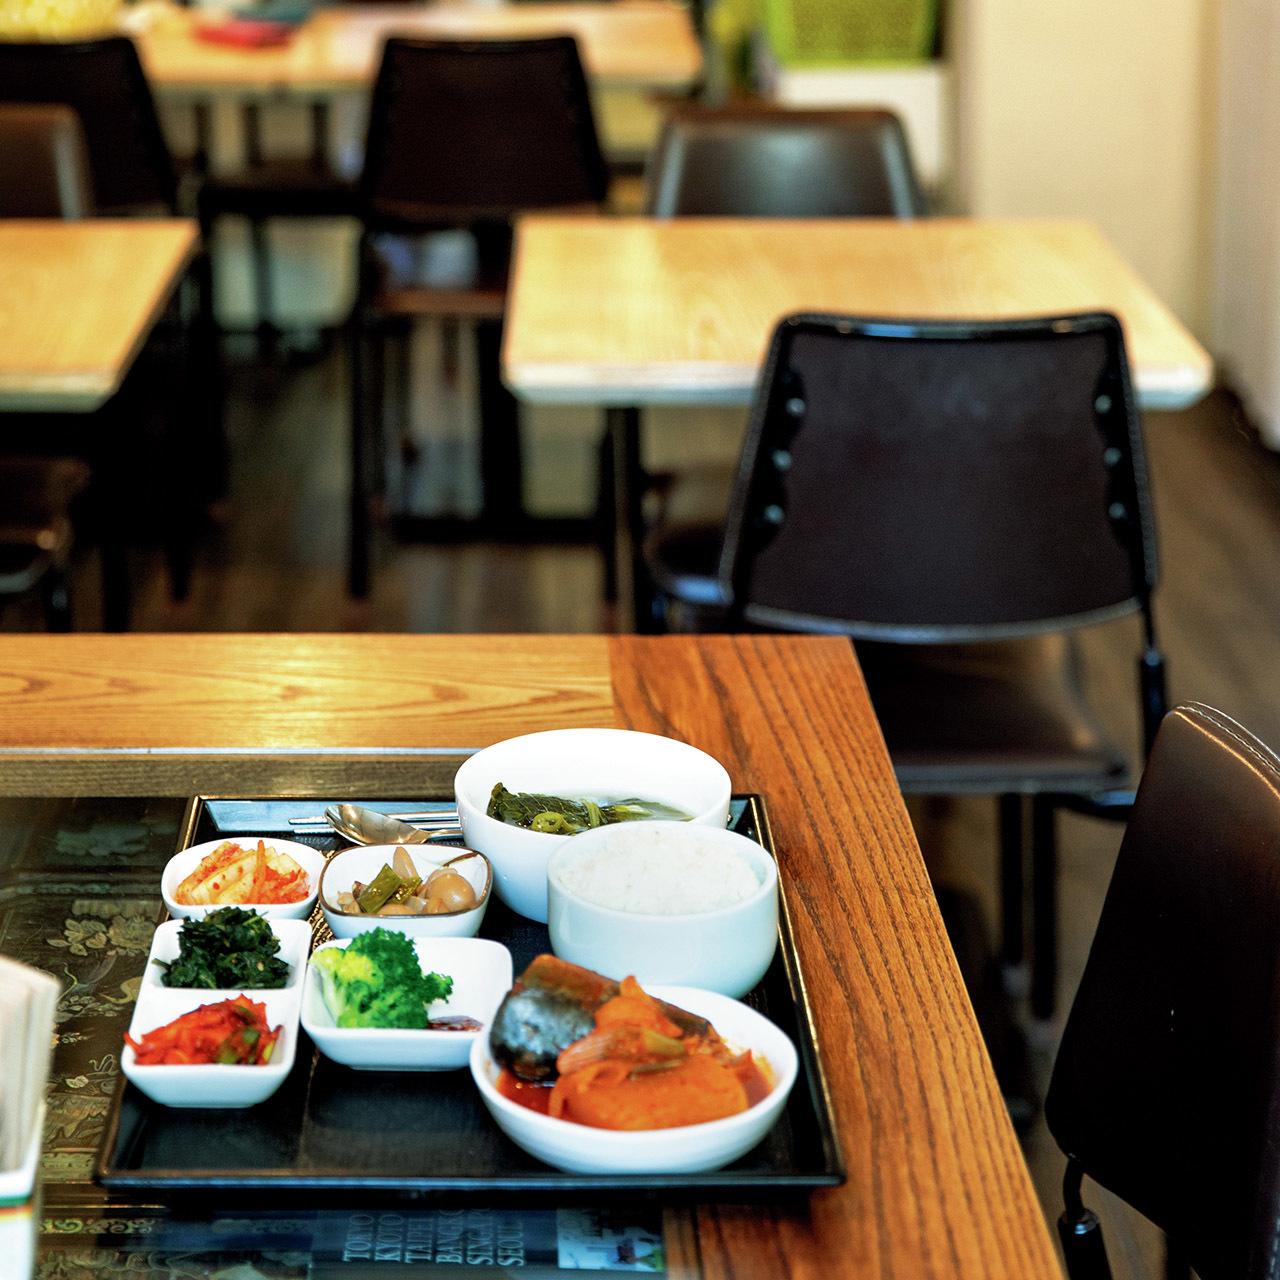 大人のためのソウル旅⑥昼に訪ねたい新旧の街のヒット食堂 五選_1_1-1